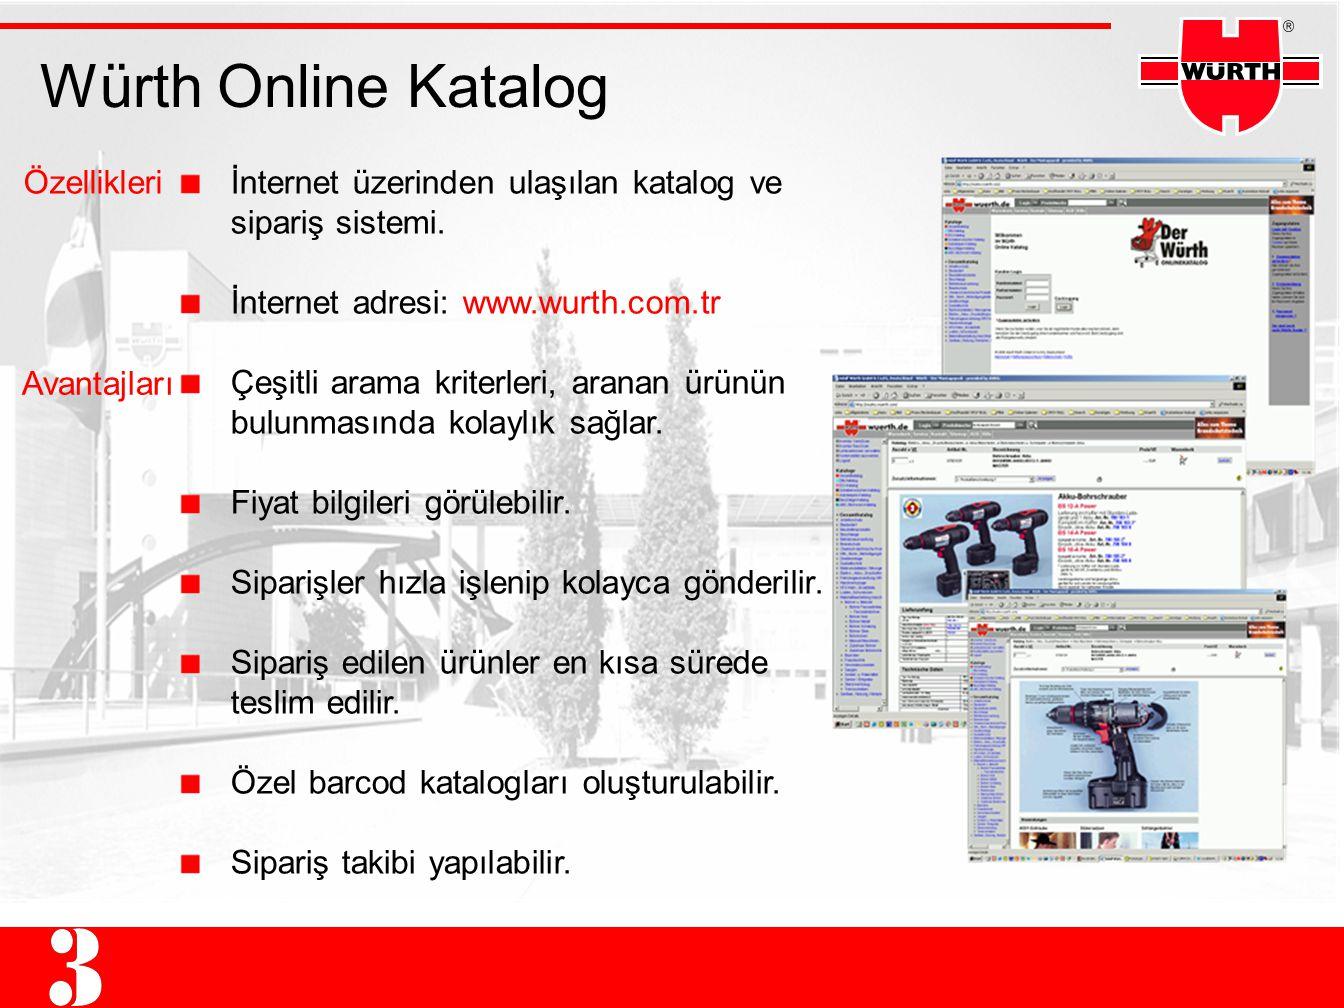 Würth Online Katalog Özellikleri